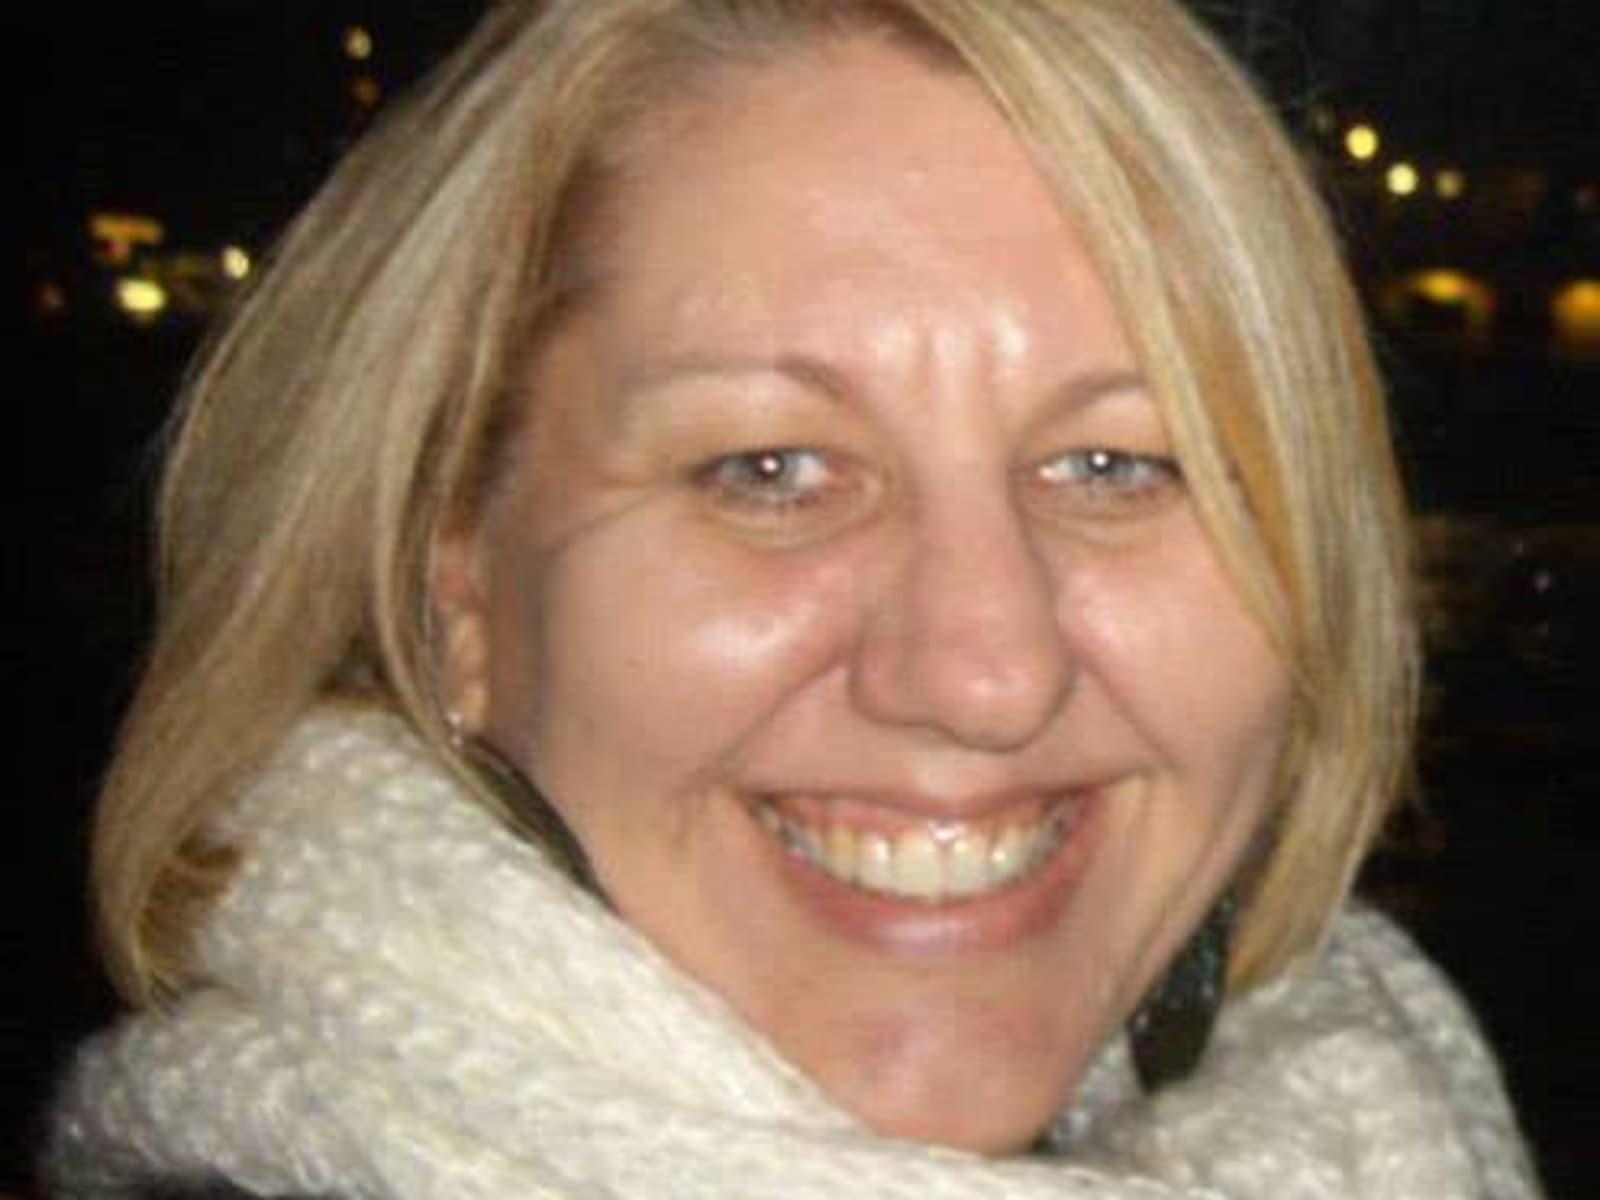 Stephanie from Sydney, New South Wales, Australia